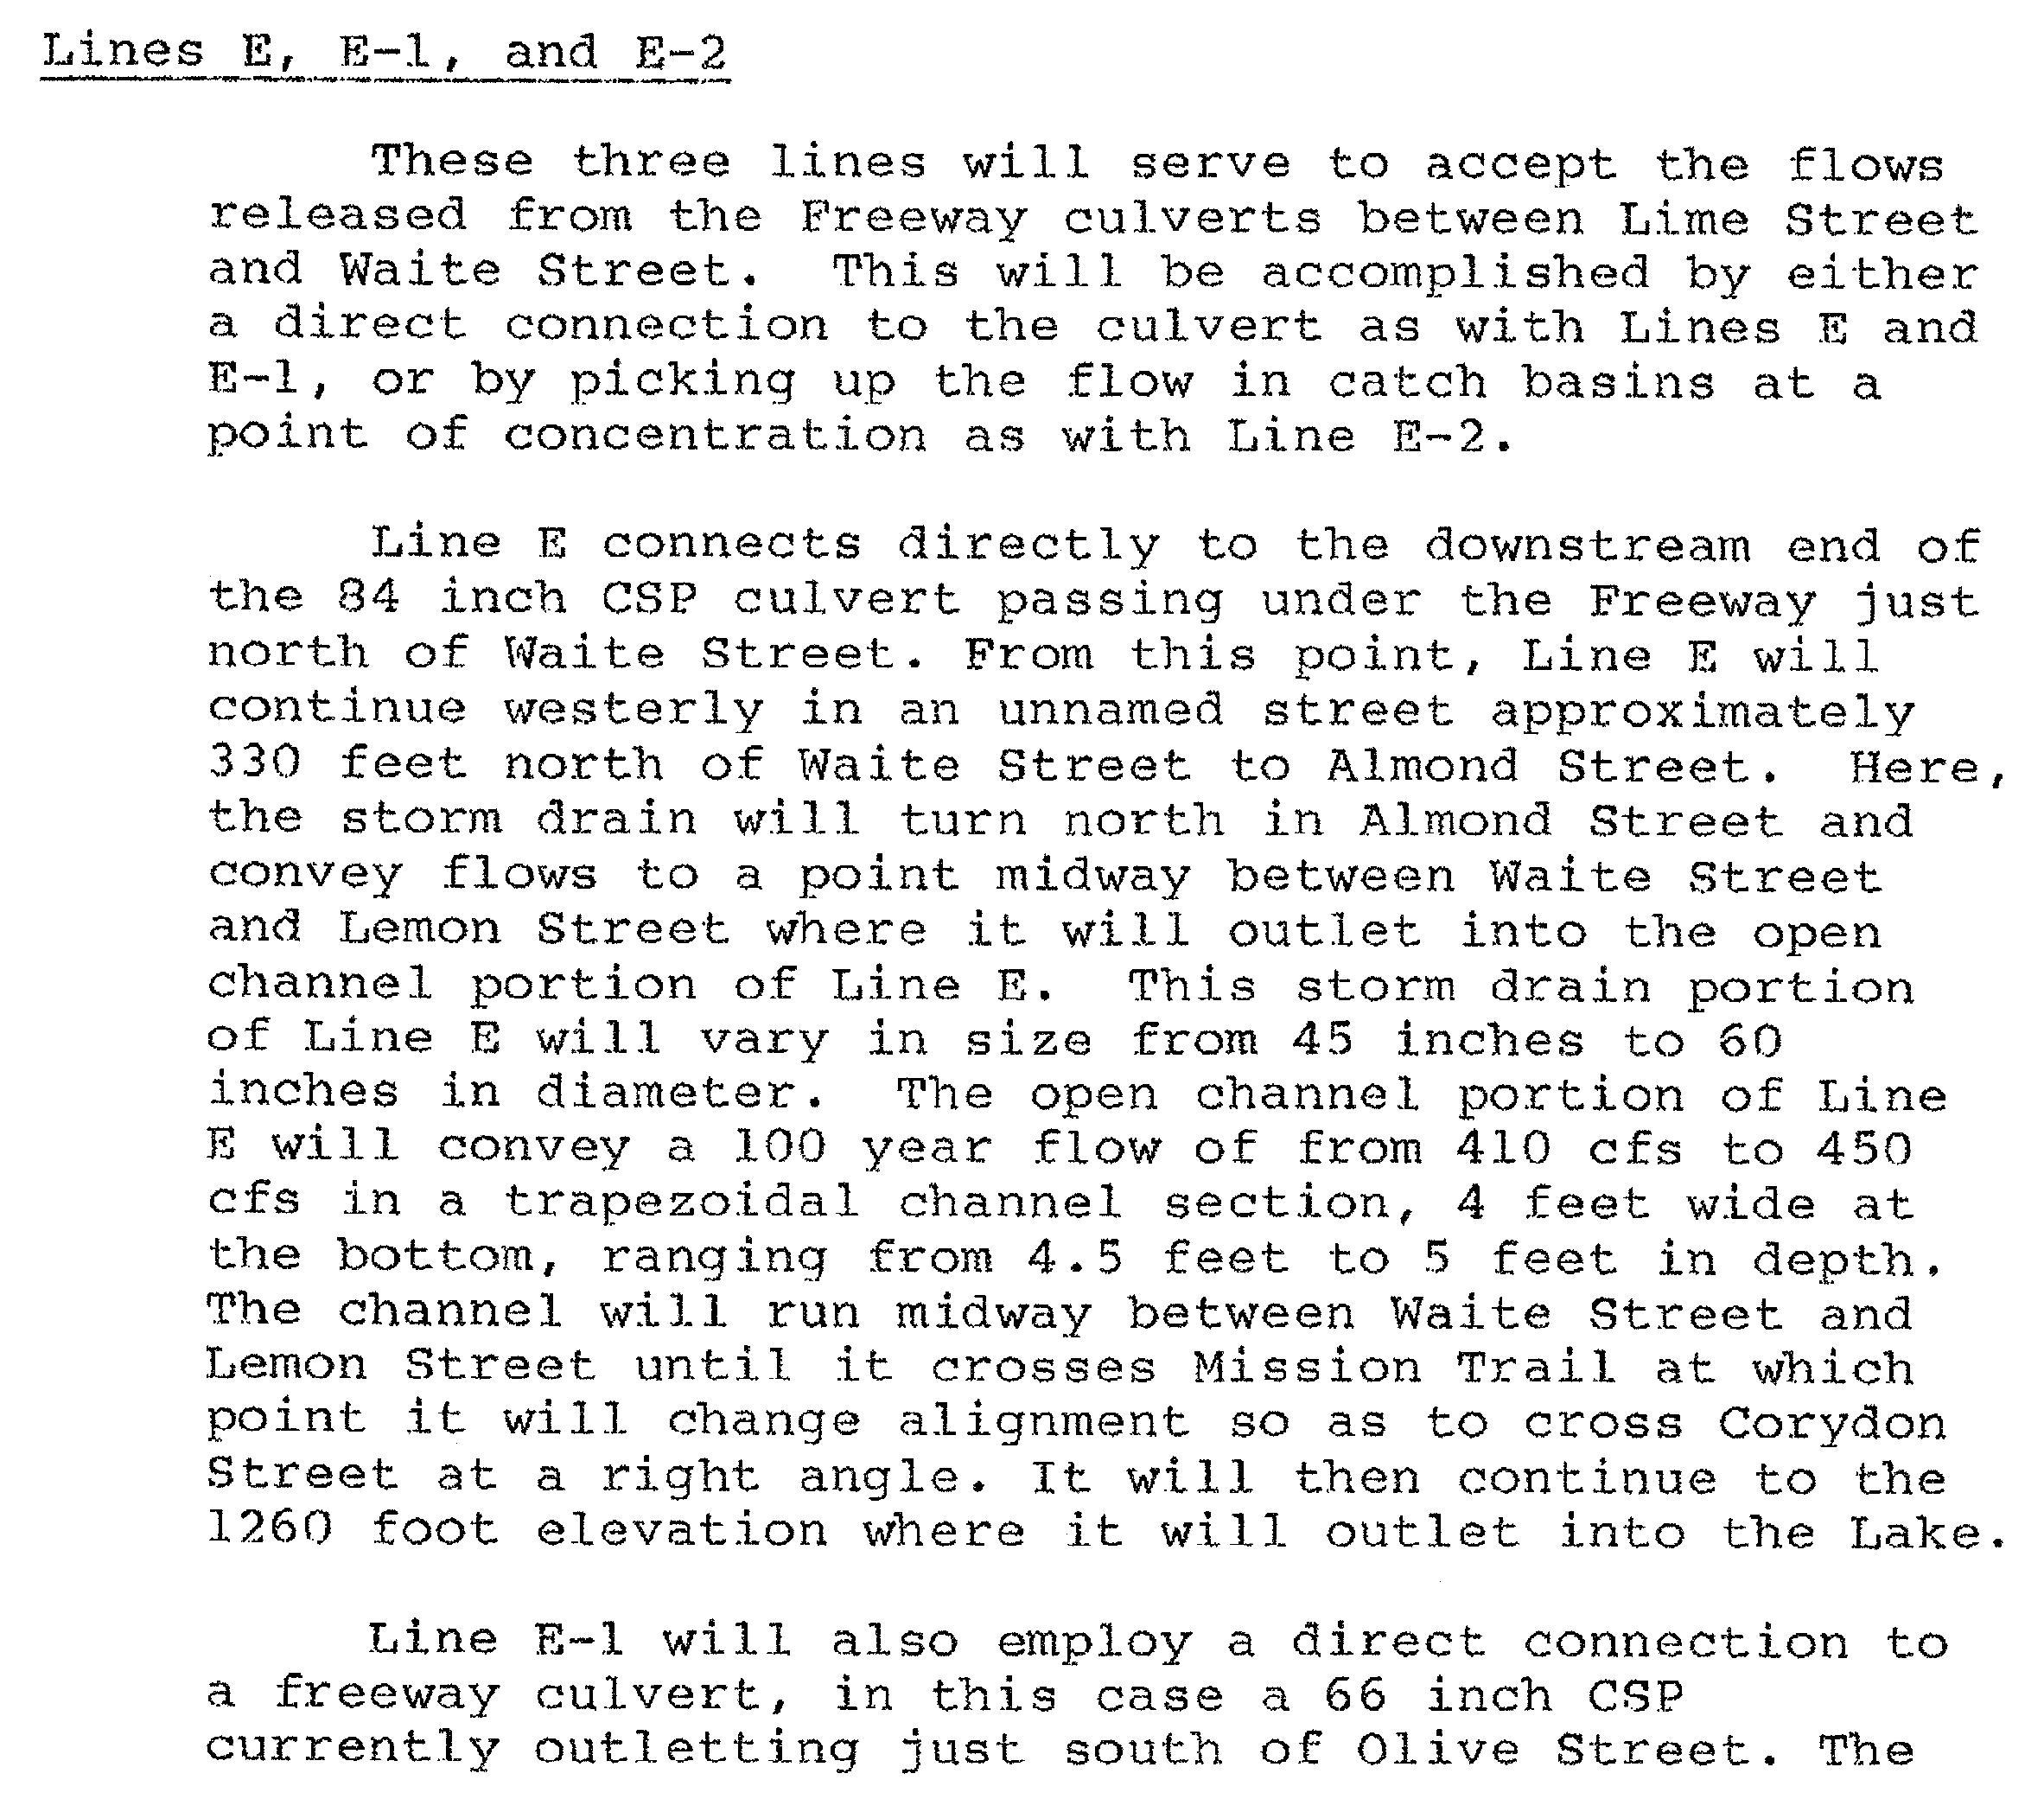 First Section explaining Line E, E-1 and E-2